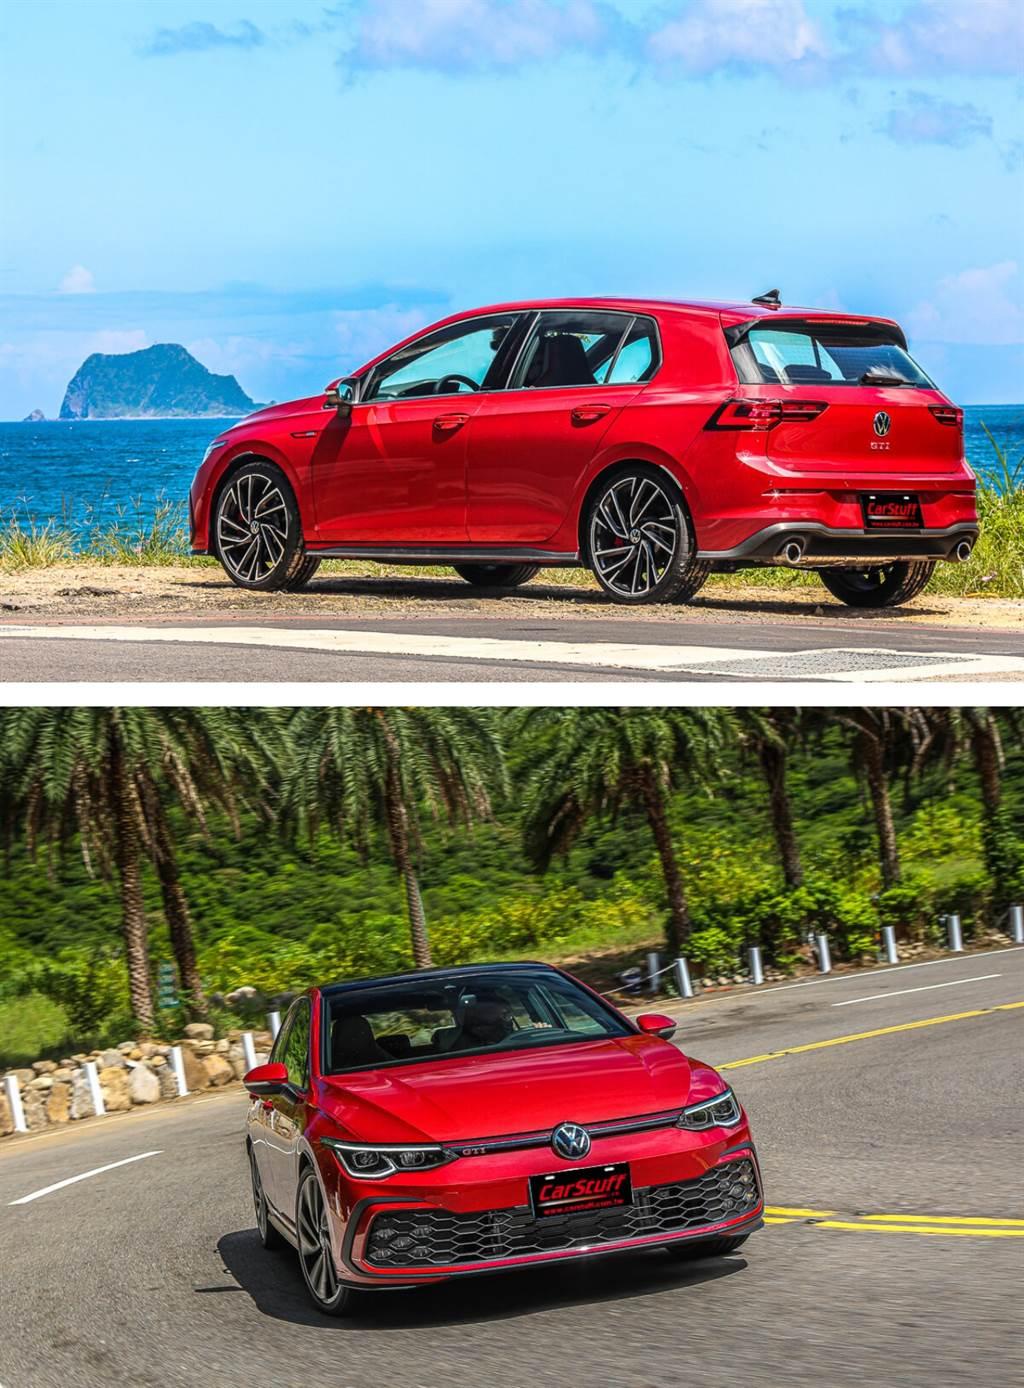 側面突出的設計元素仍保留Golf傳統粗壯的C柱,它在視覺上有推動車身向前的效果,GTI字樣現在改擺置於新Volkswagen廠徽下方的中央,而不是像以前那樣位於駕駛那一側。由於車頂擾流板明顯向後延伸以及車頂後部線條稍微向下,因此風阻也有所降低(Cd值為0.275)。(圖/CarStuff_Allen Chao攝)